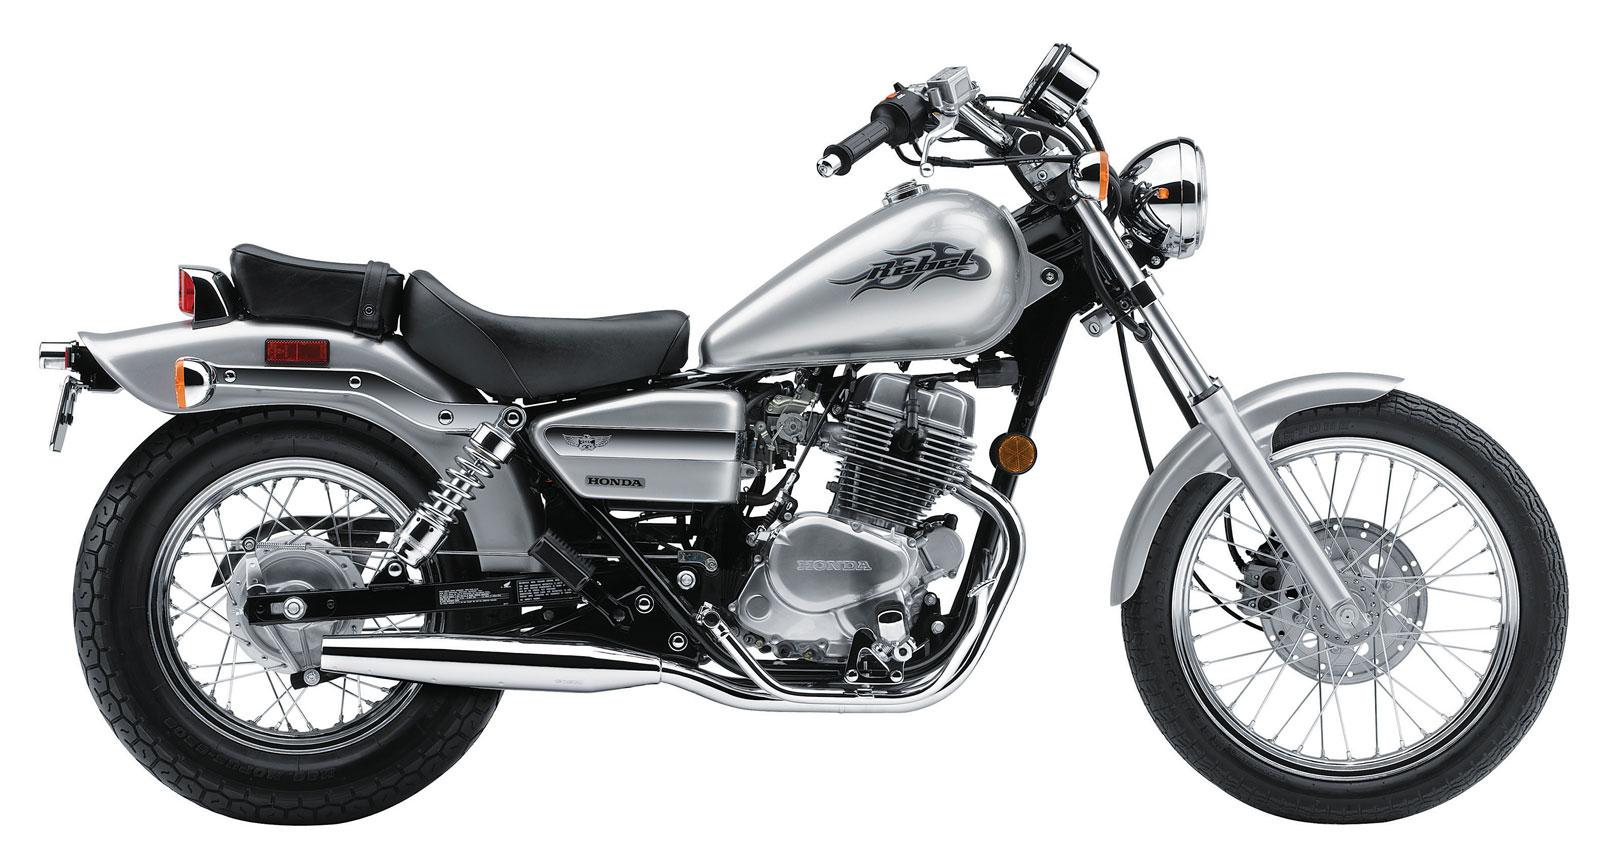 2008 CMX250C Rebel - Honda Rebel PNG